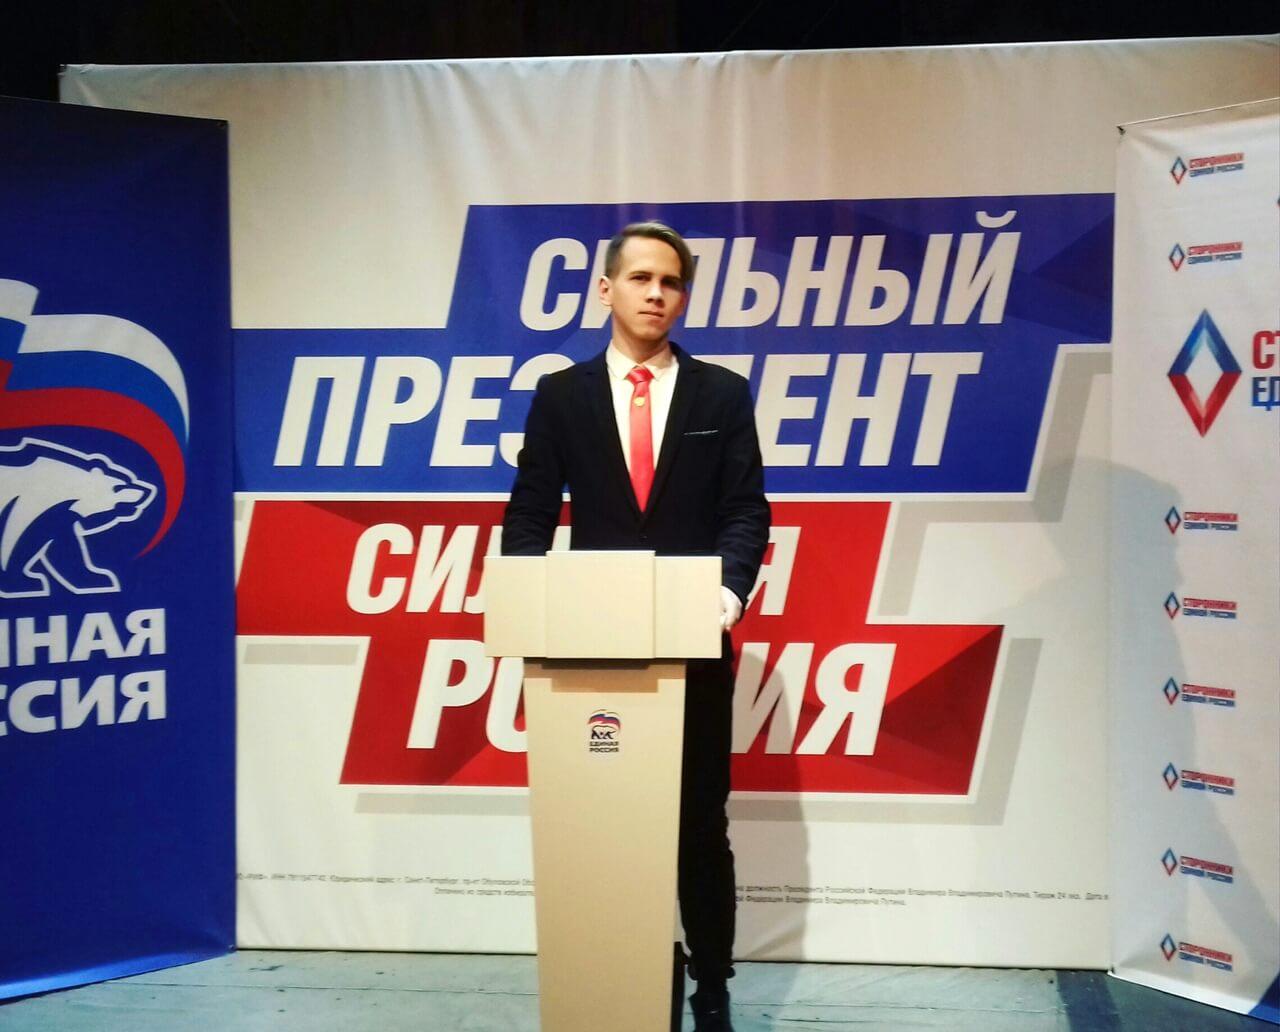 Страница Дмитрия Мякшина во «ВКонтакте»